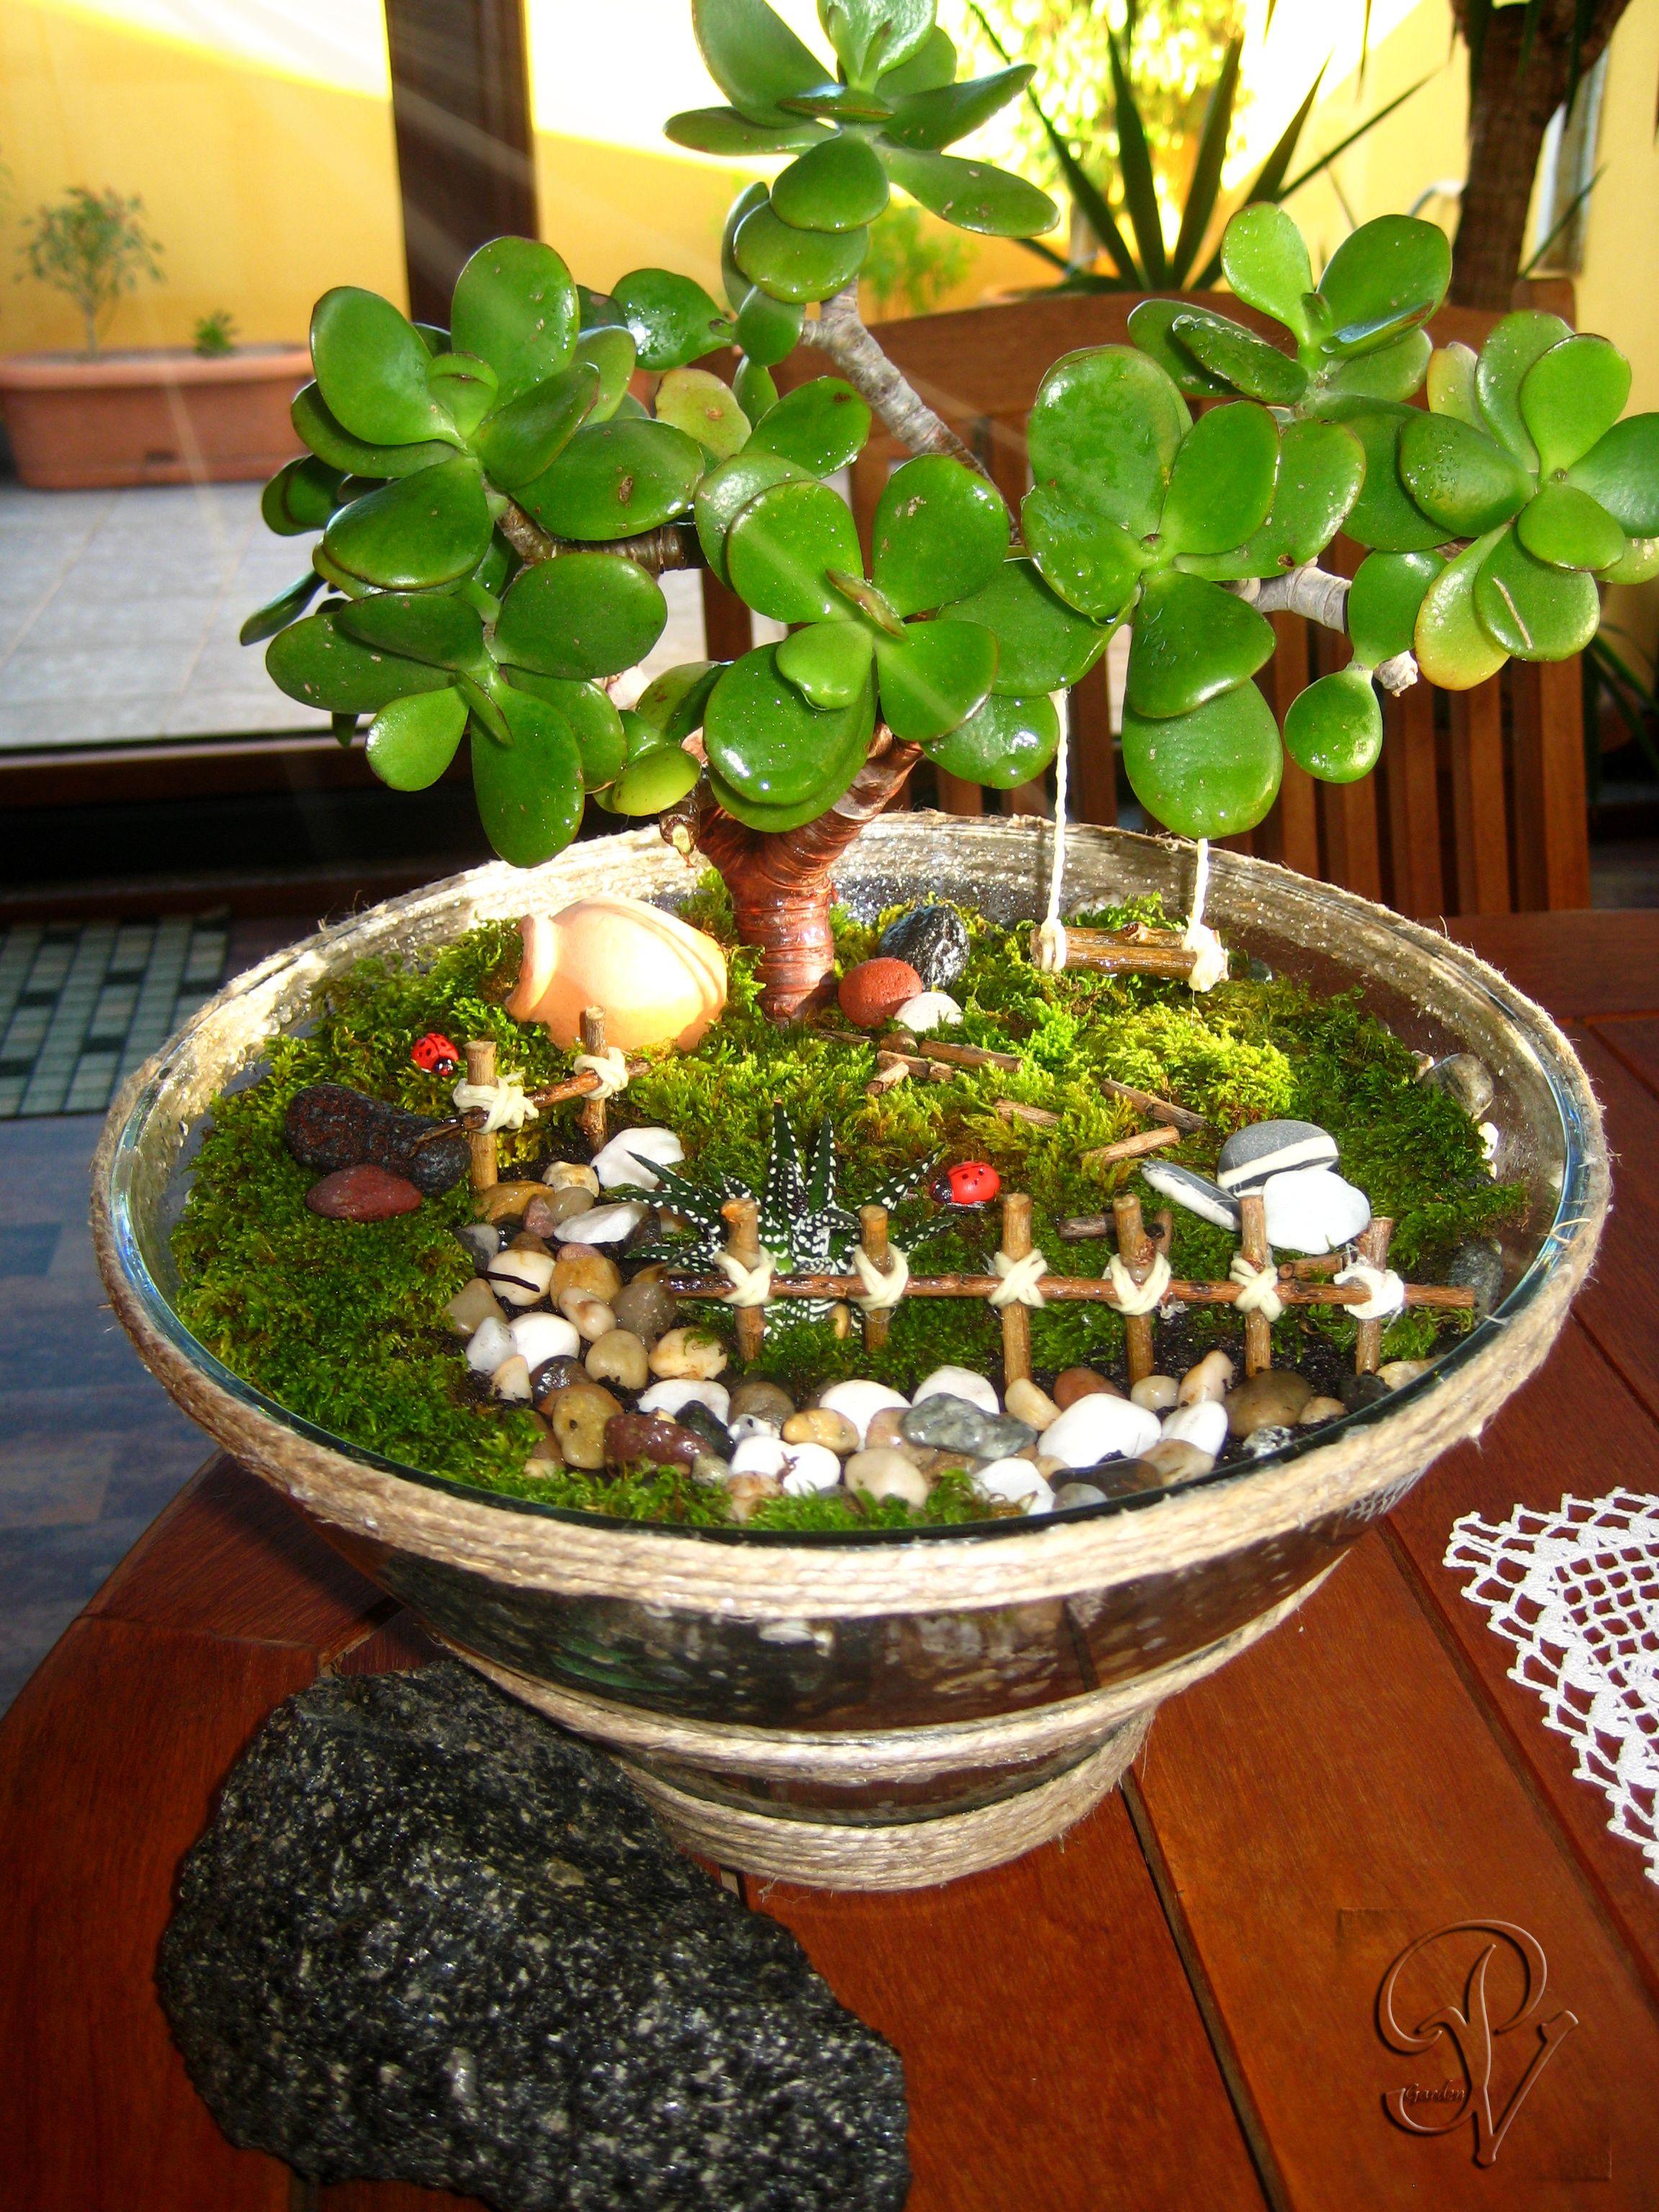 Terrario giardino in miniatura by punti di verde - Giardino in miniatura ...